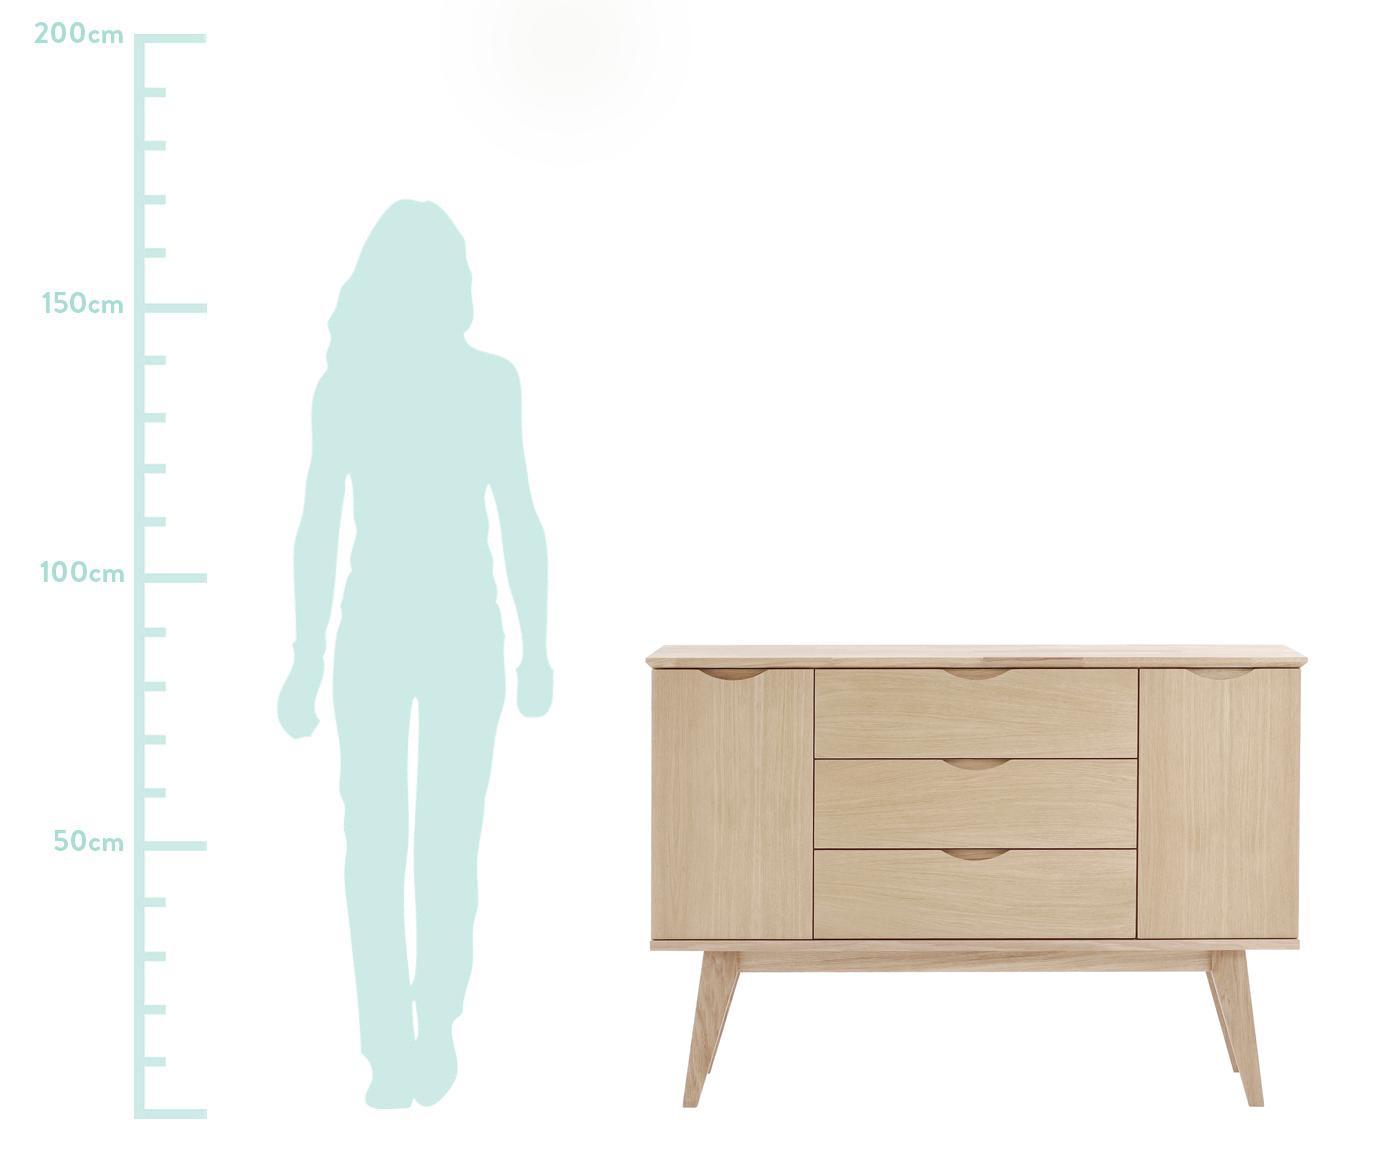 Komoda z drewna dębowego Filippa, Korpus, front i nogi: drewno dębowe, biały rozmyty, S 122 x W 85 cm